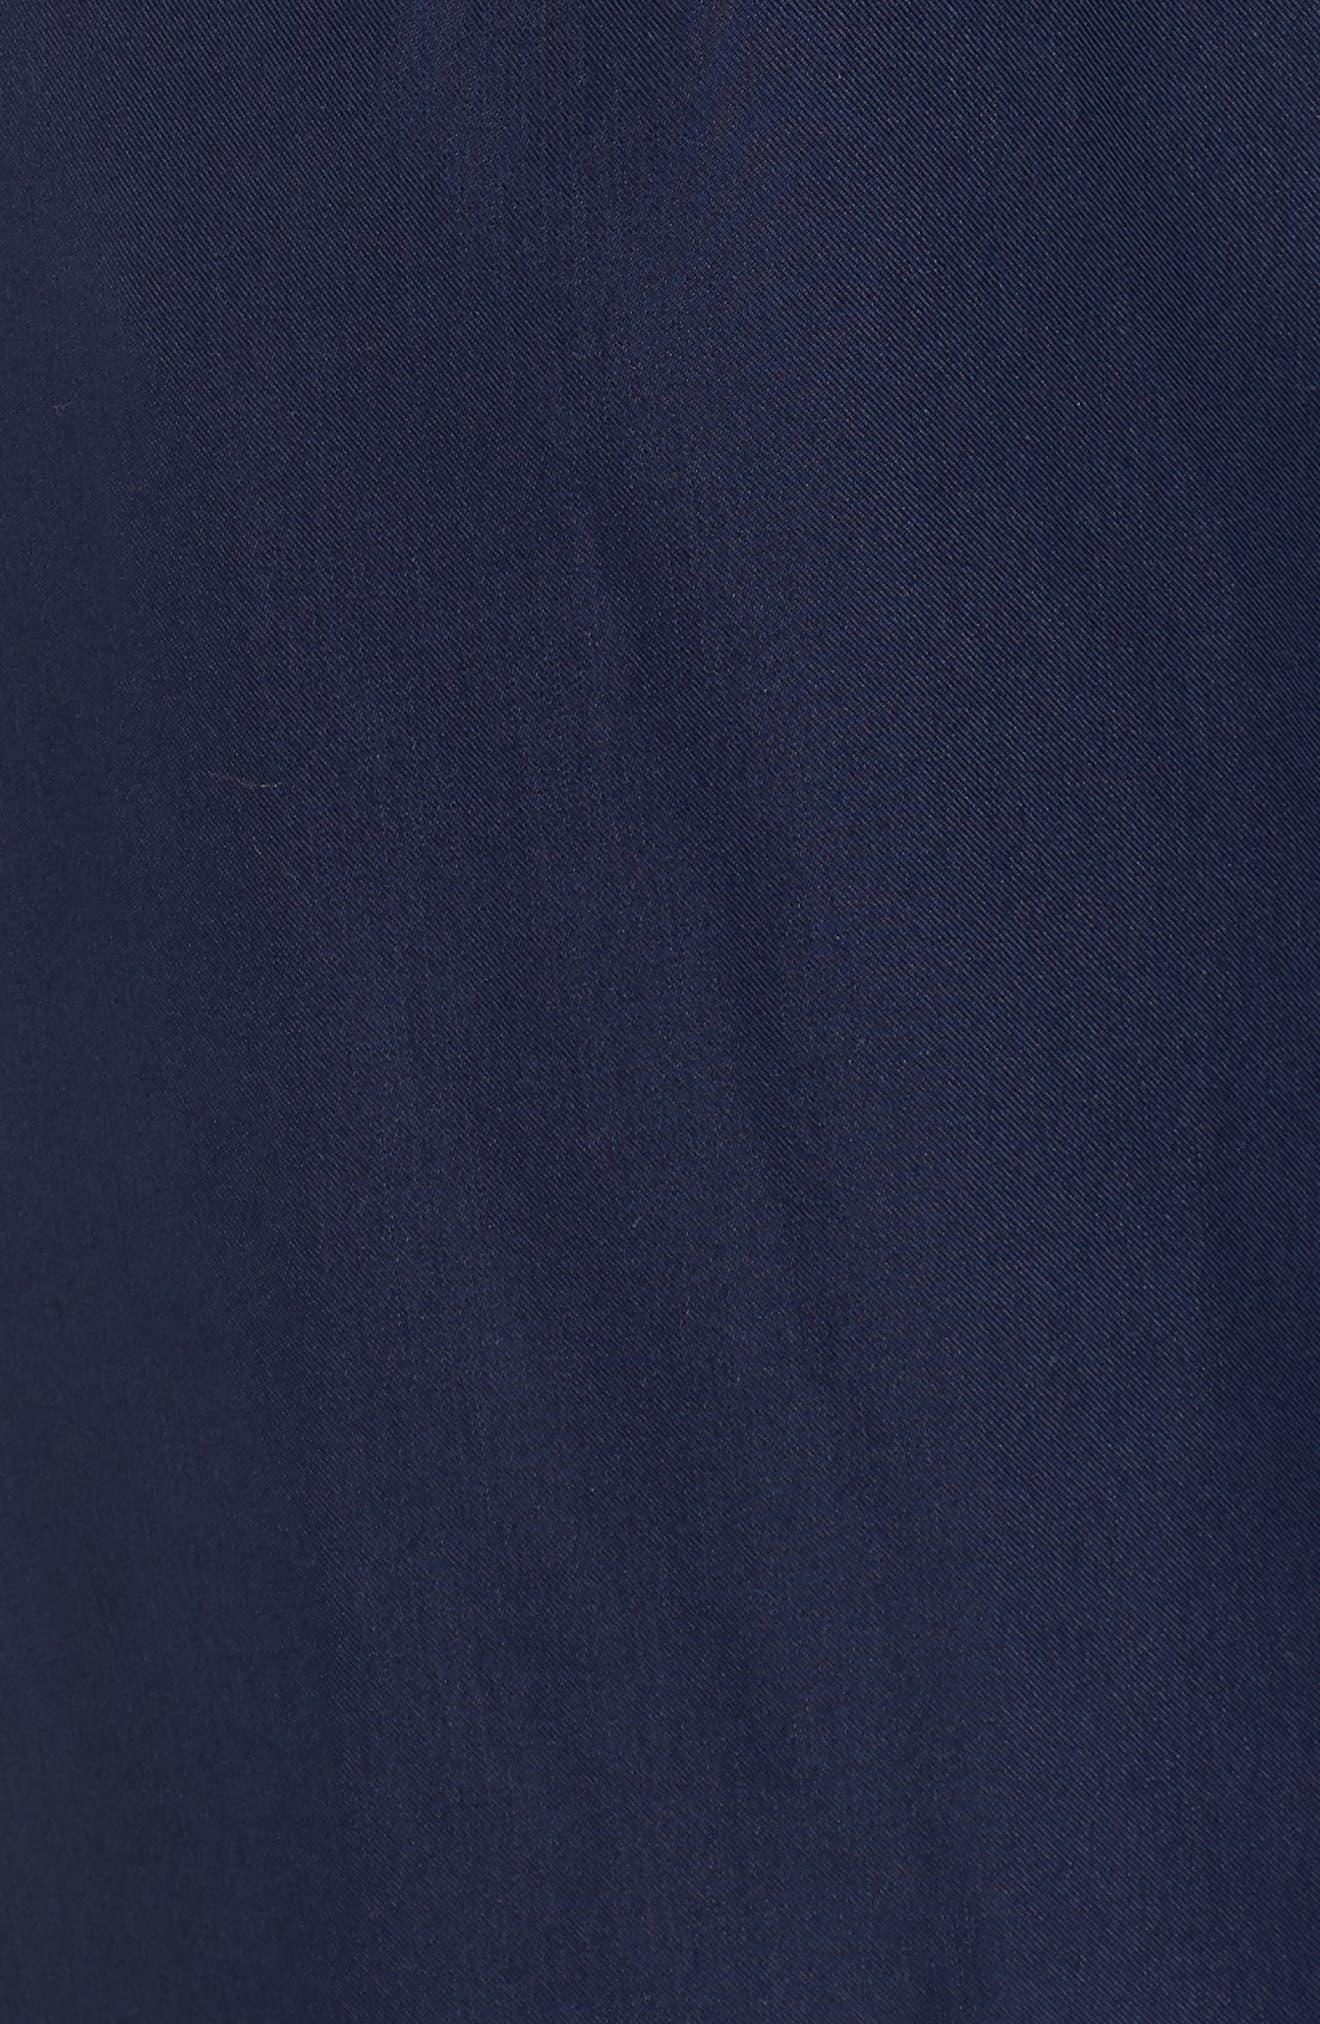 Tie Waist Pants,                             Alternate thumbnail 6, color,                             410